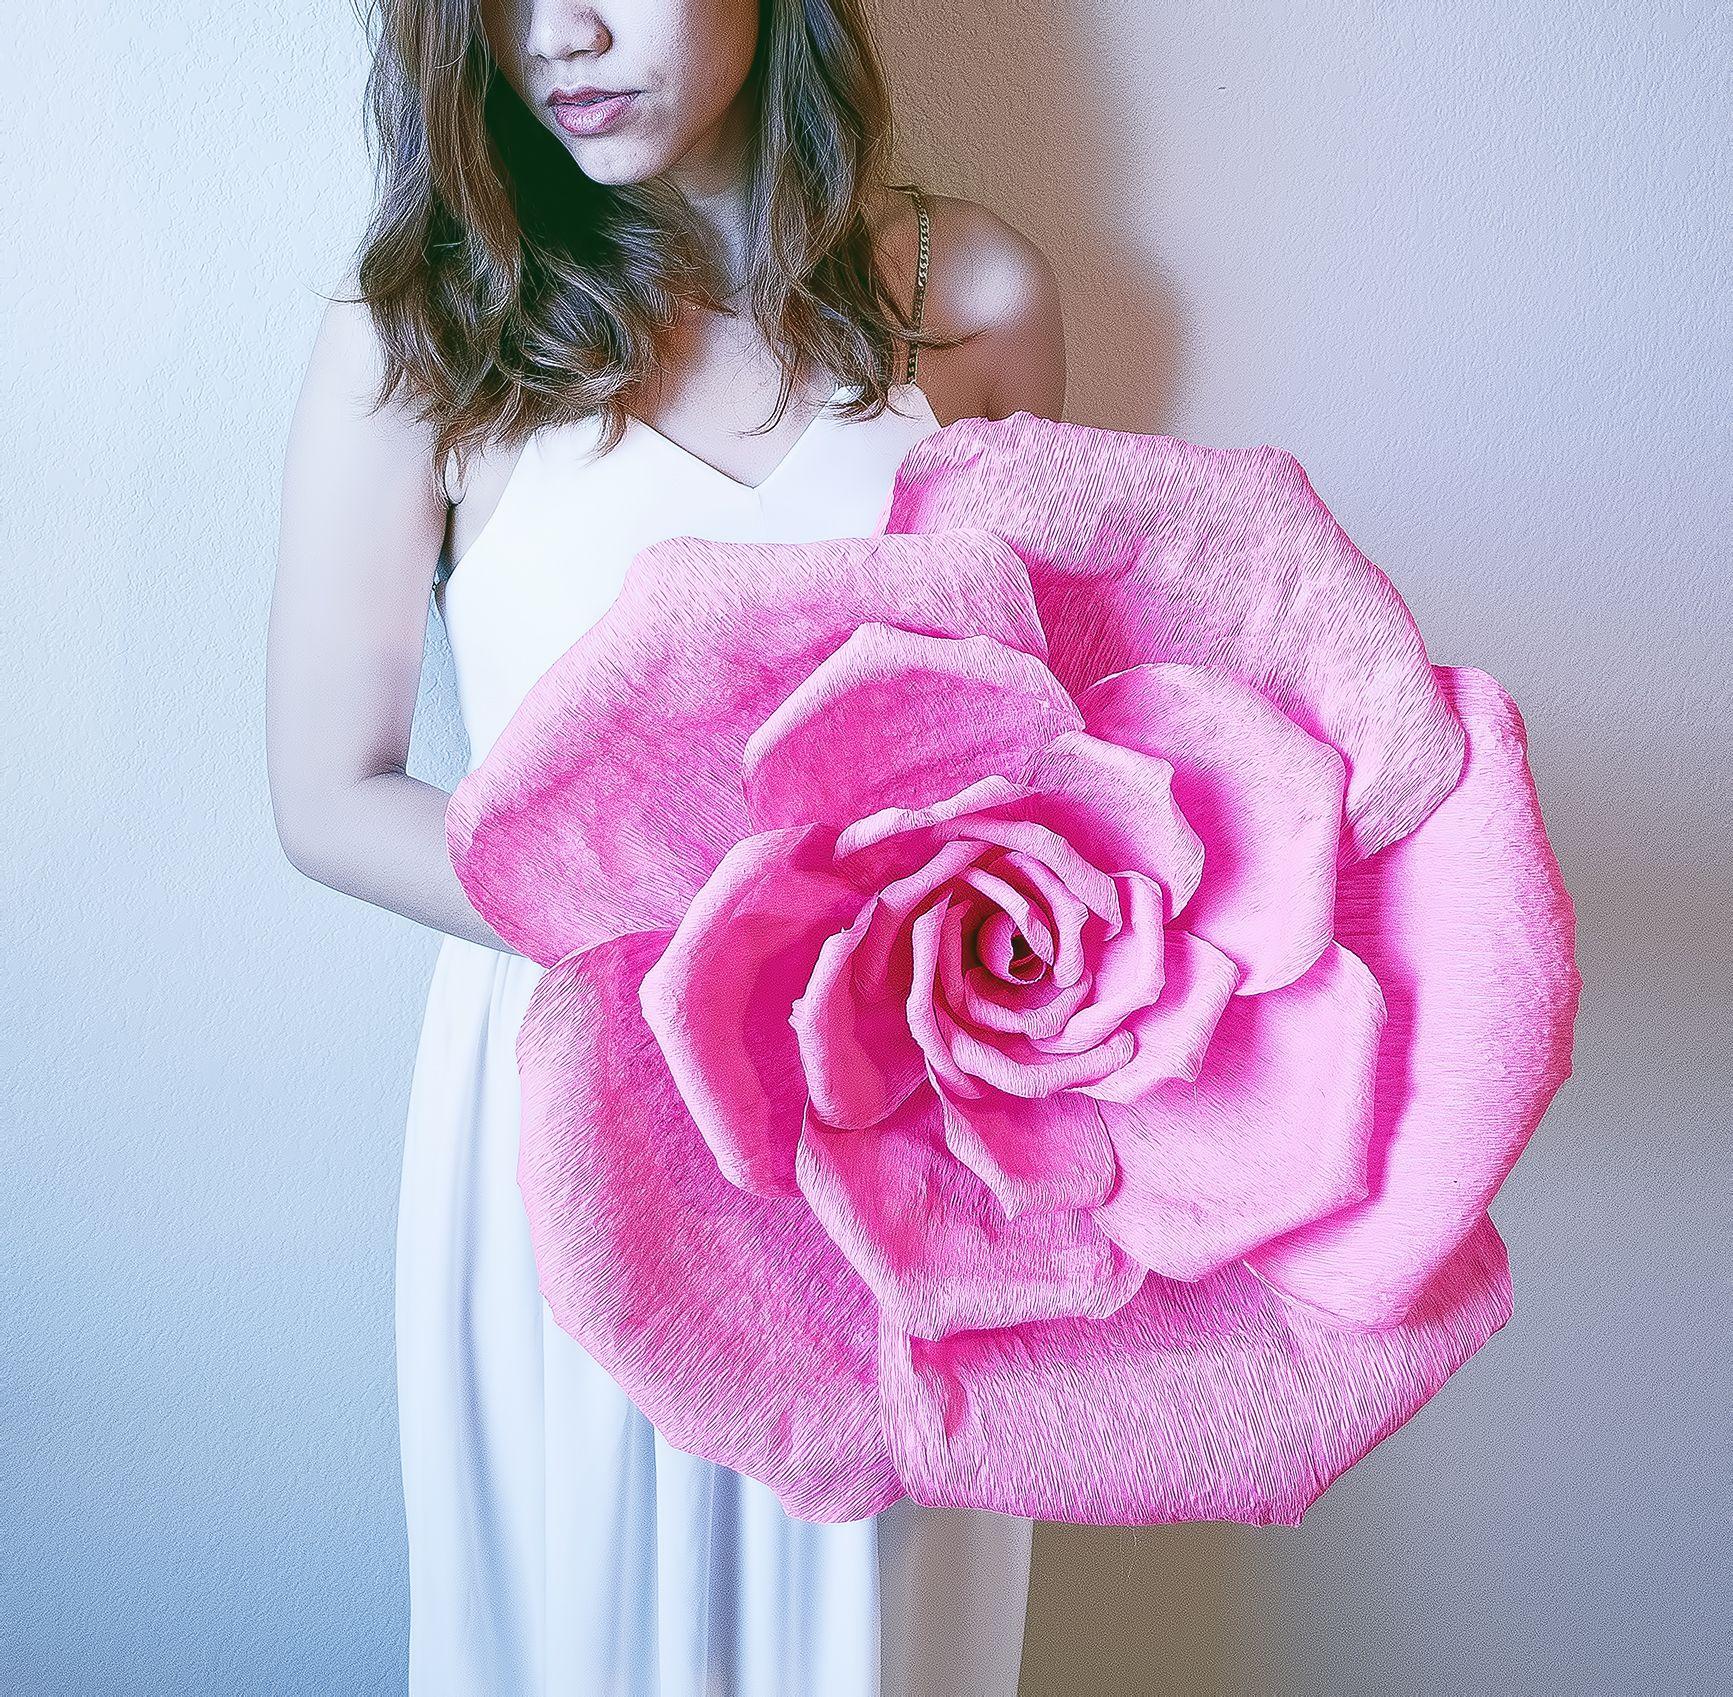 Handmade Giant Paper Flower Decorating Idea Pinterest Flower